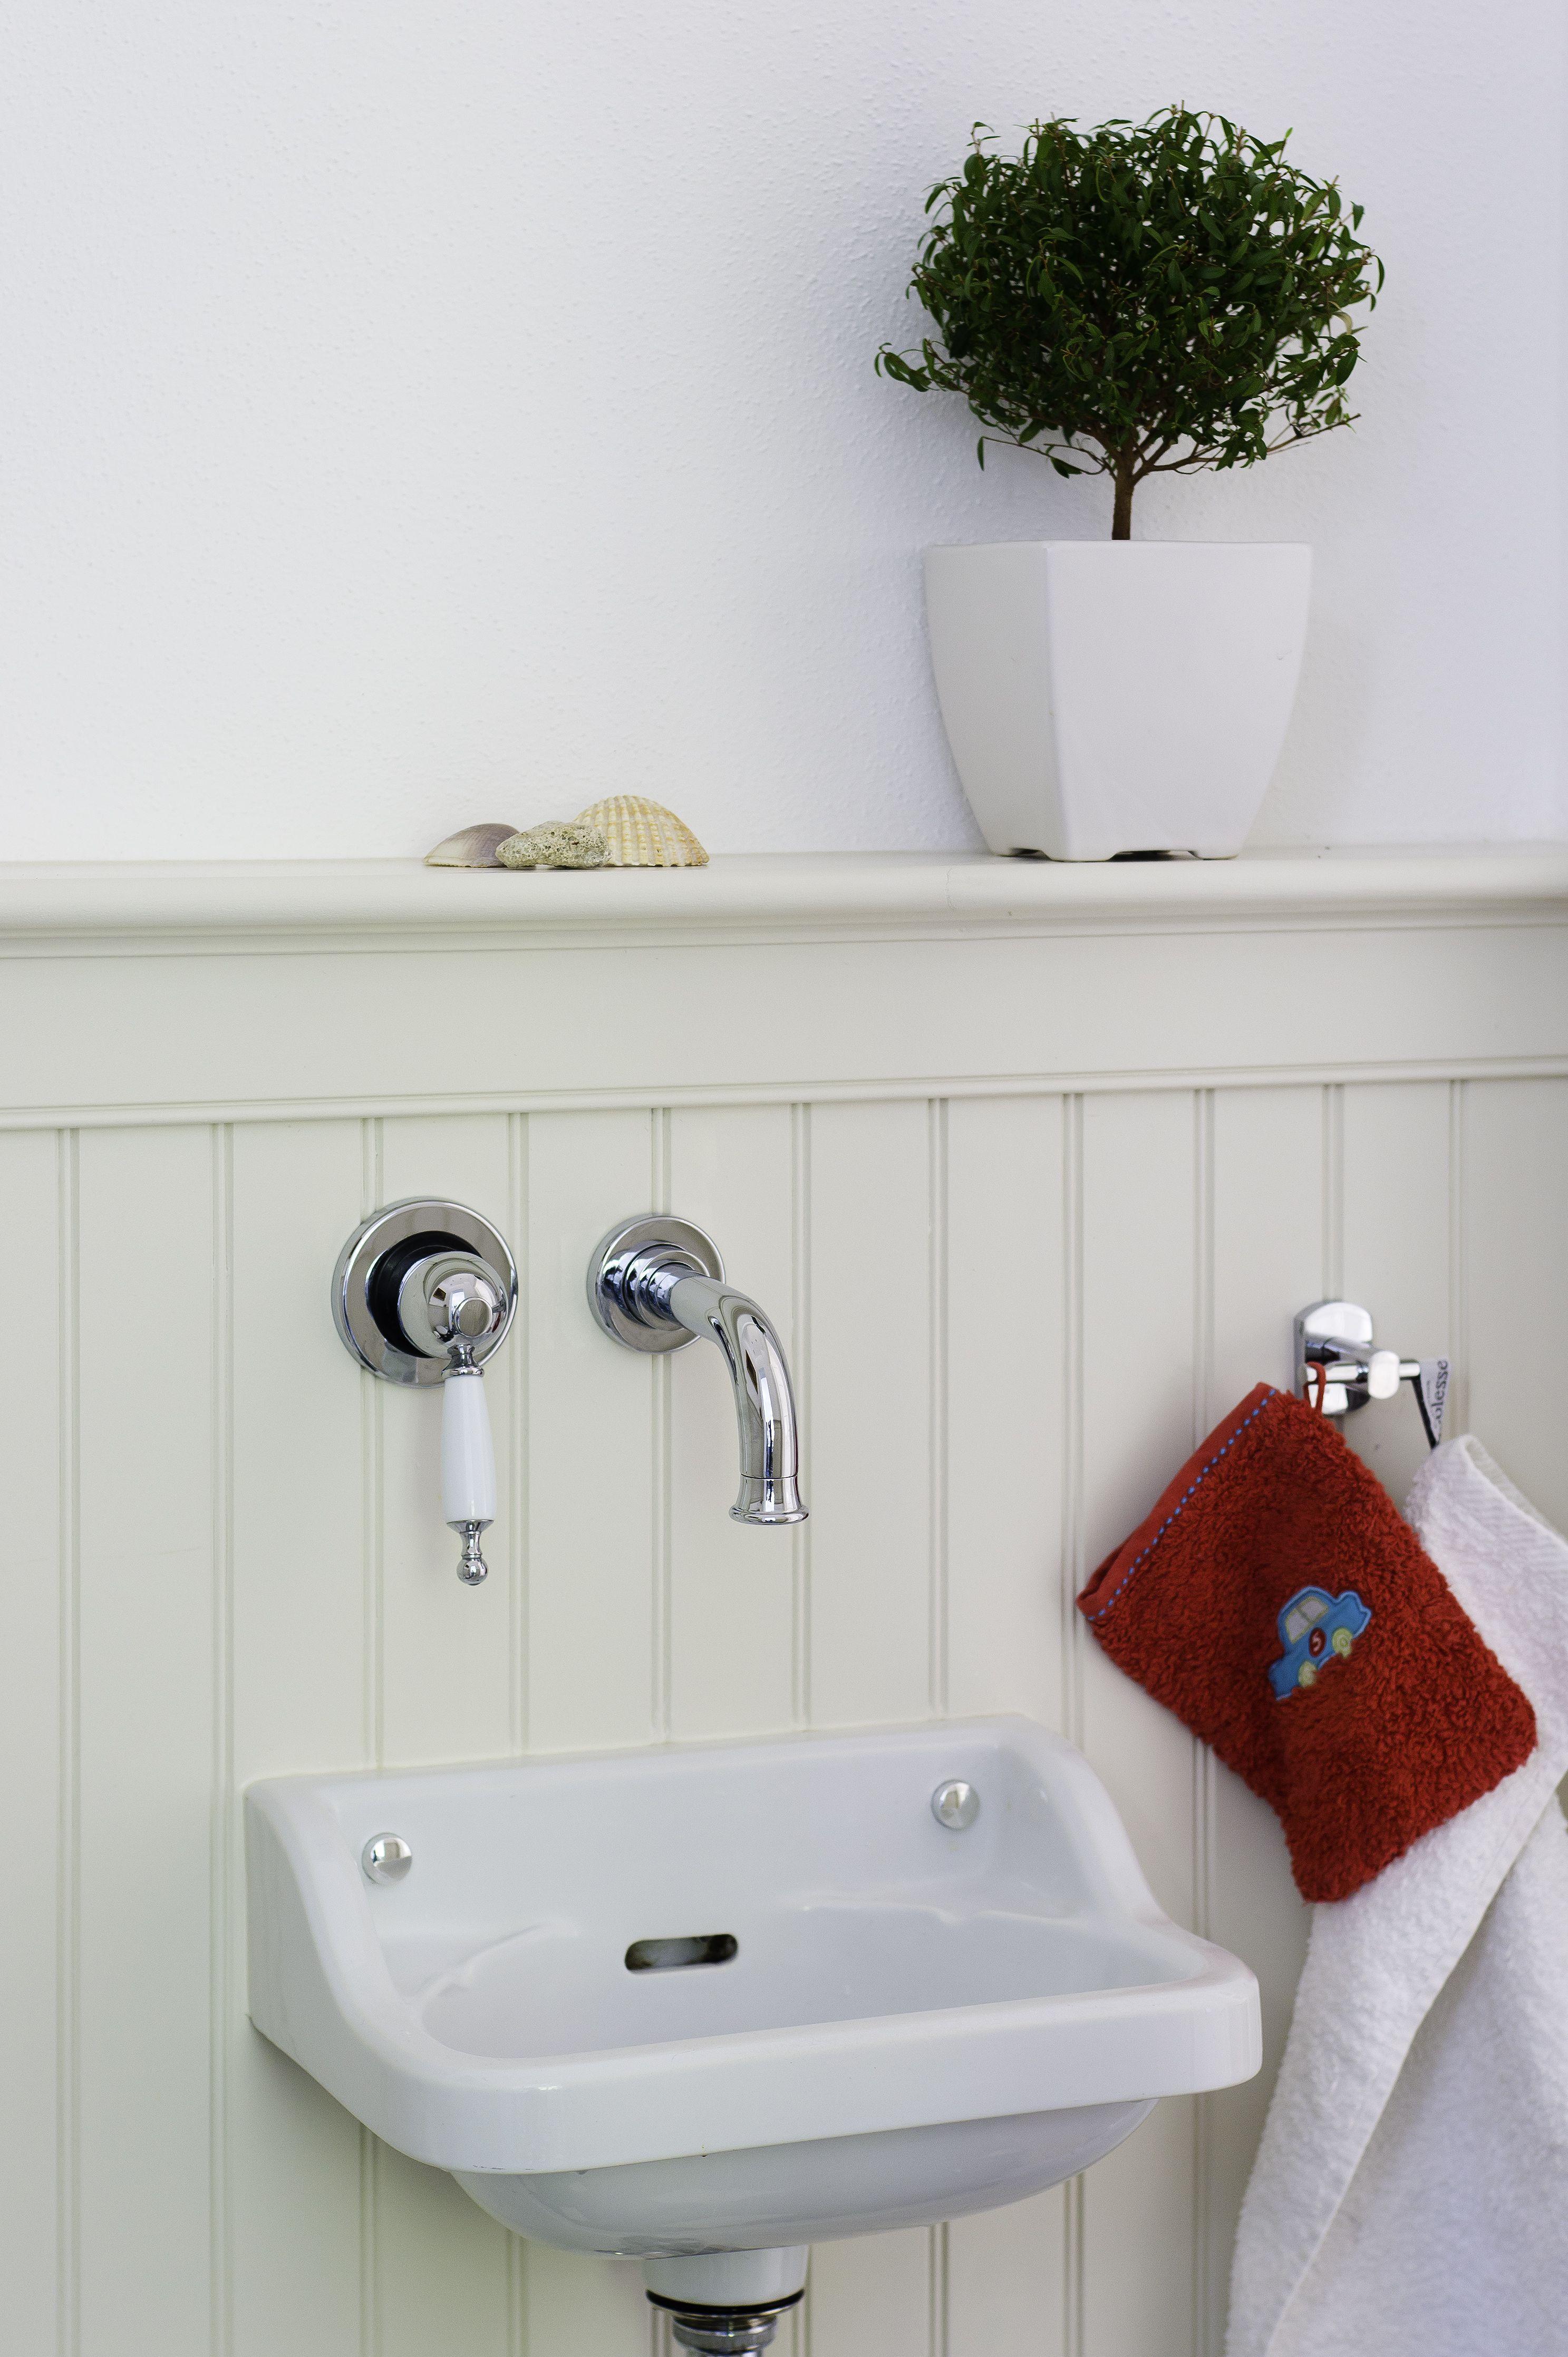 Holzpaneele Im Badezimmer Wandgestaltung Statt Fliesen USA Bad - Anstatt fliesen im bad